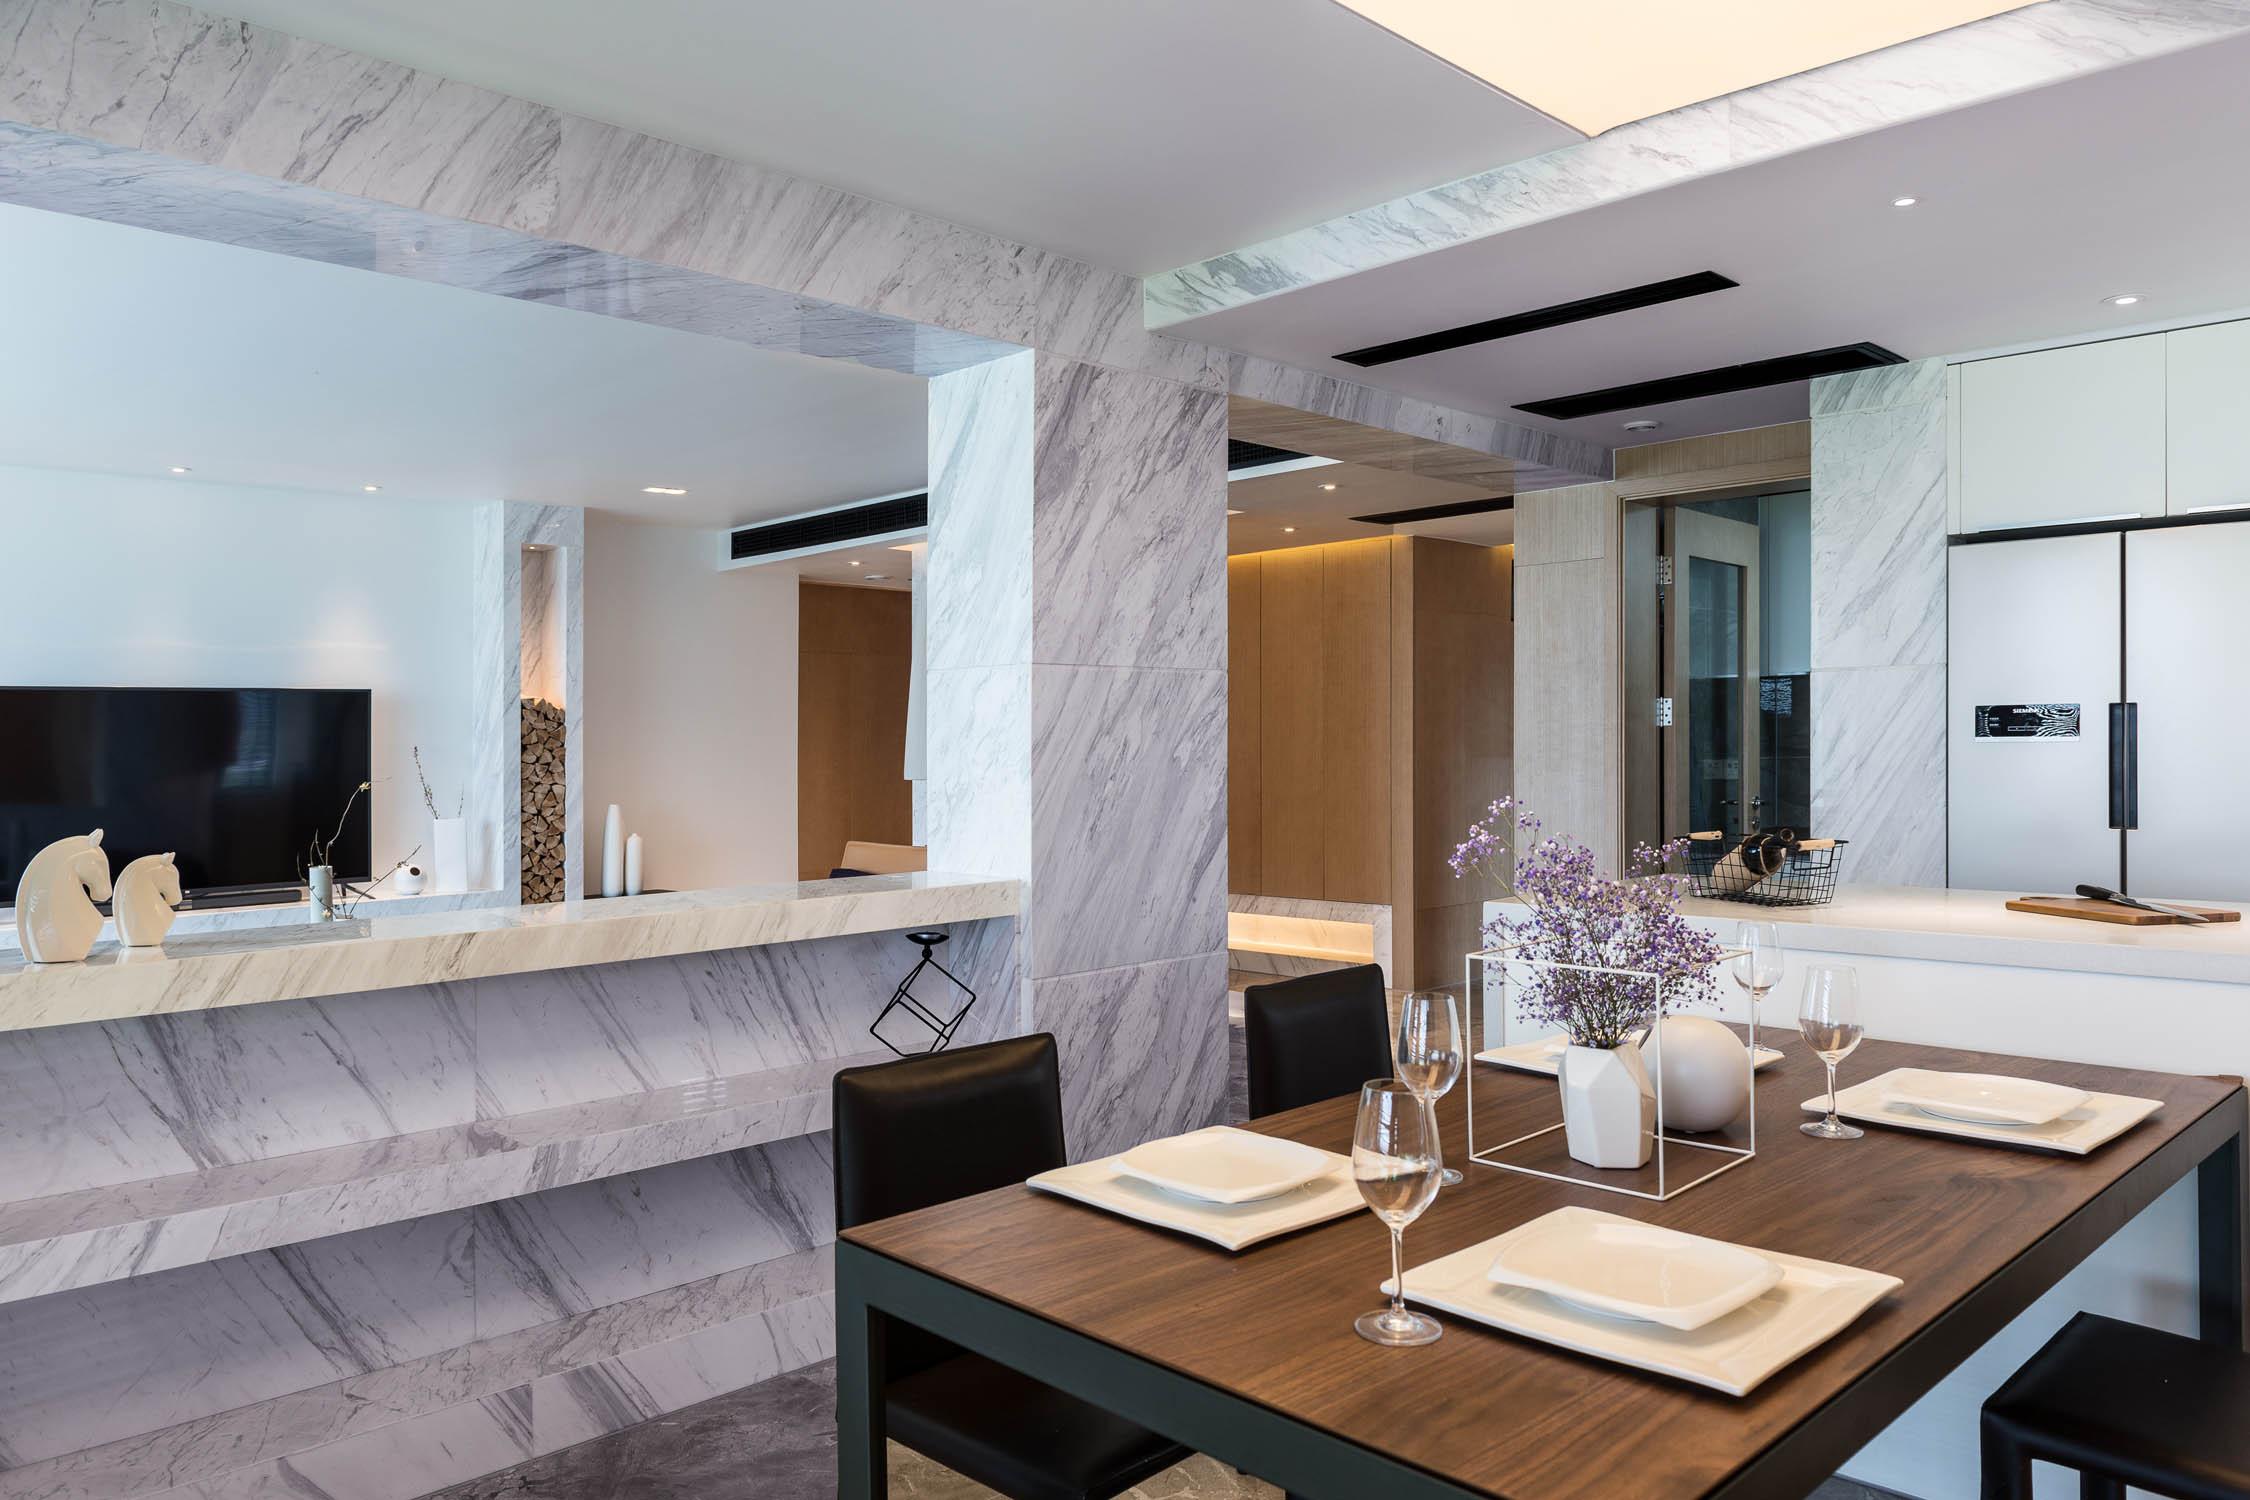 简约风格三居装修餐厅隔断台设计